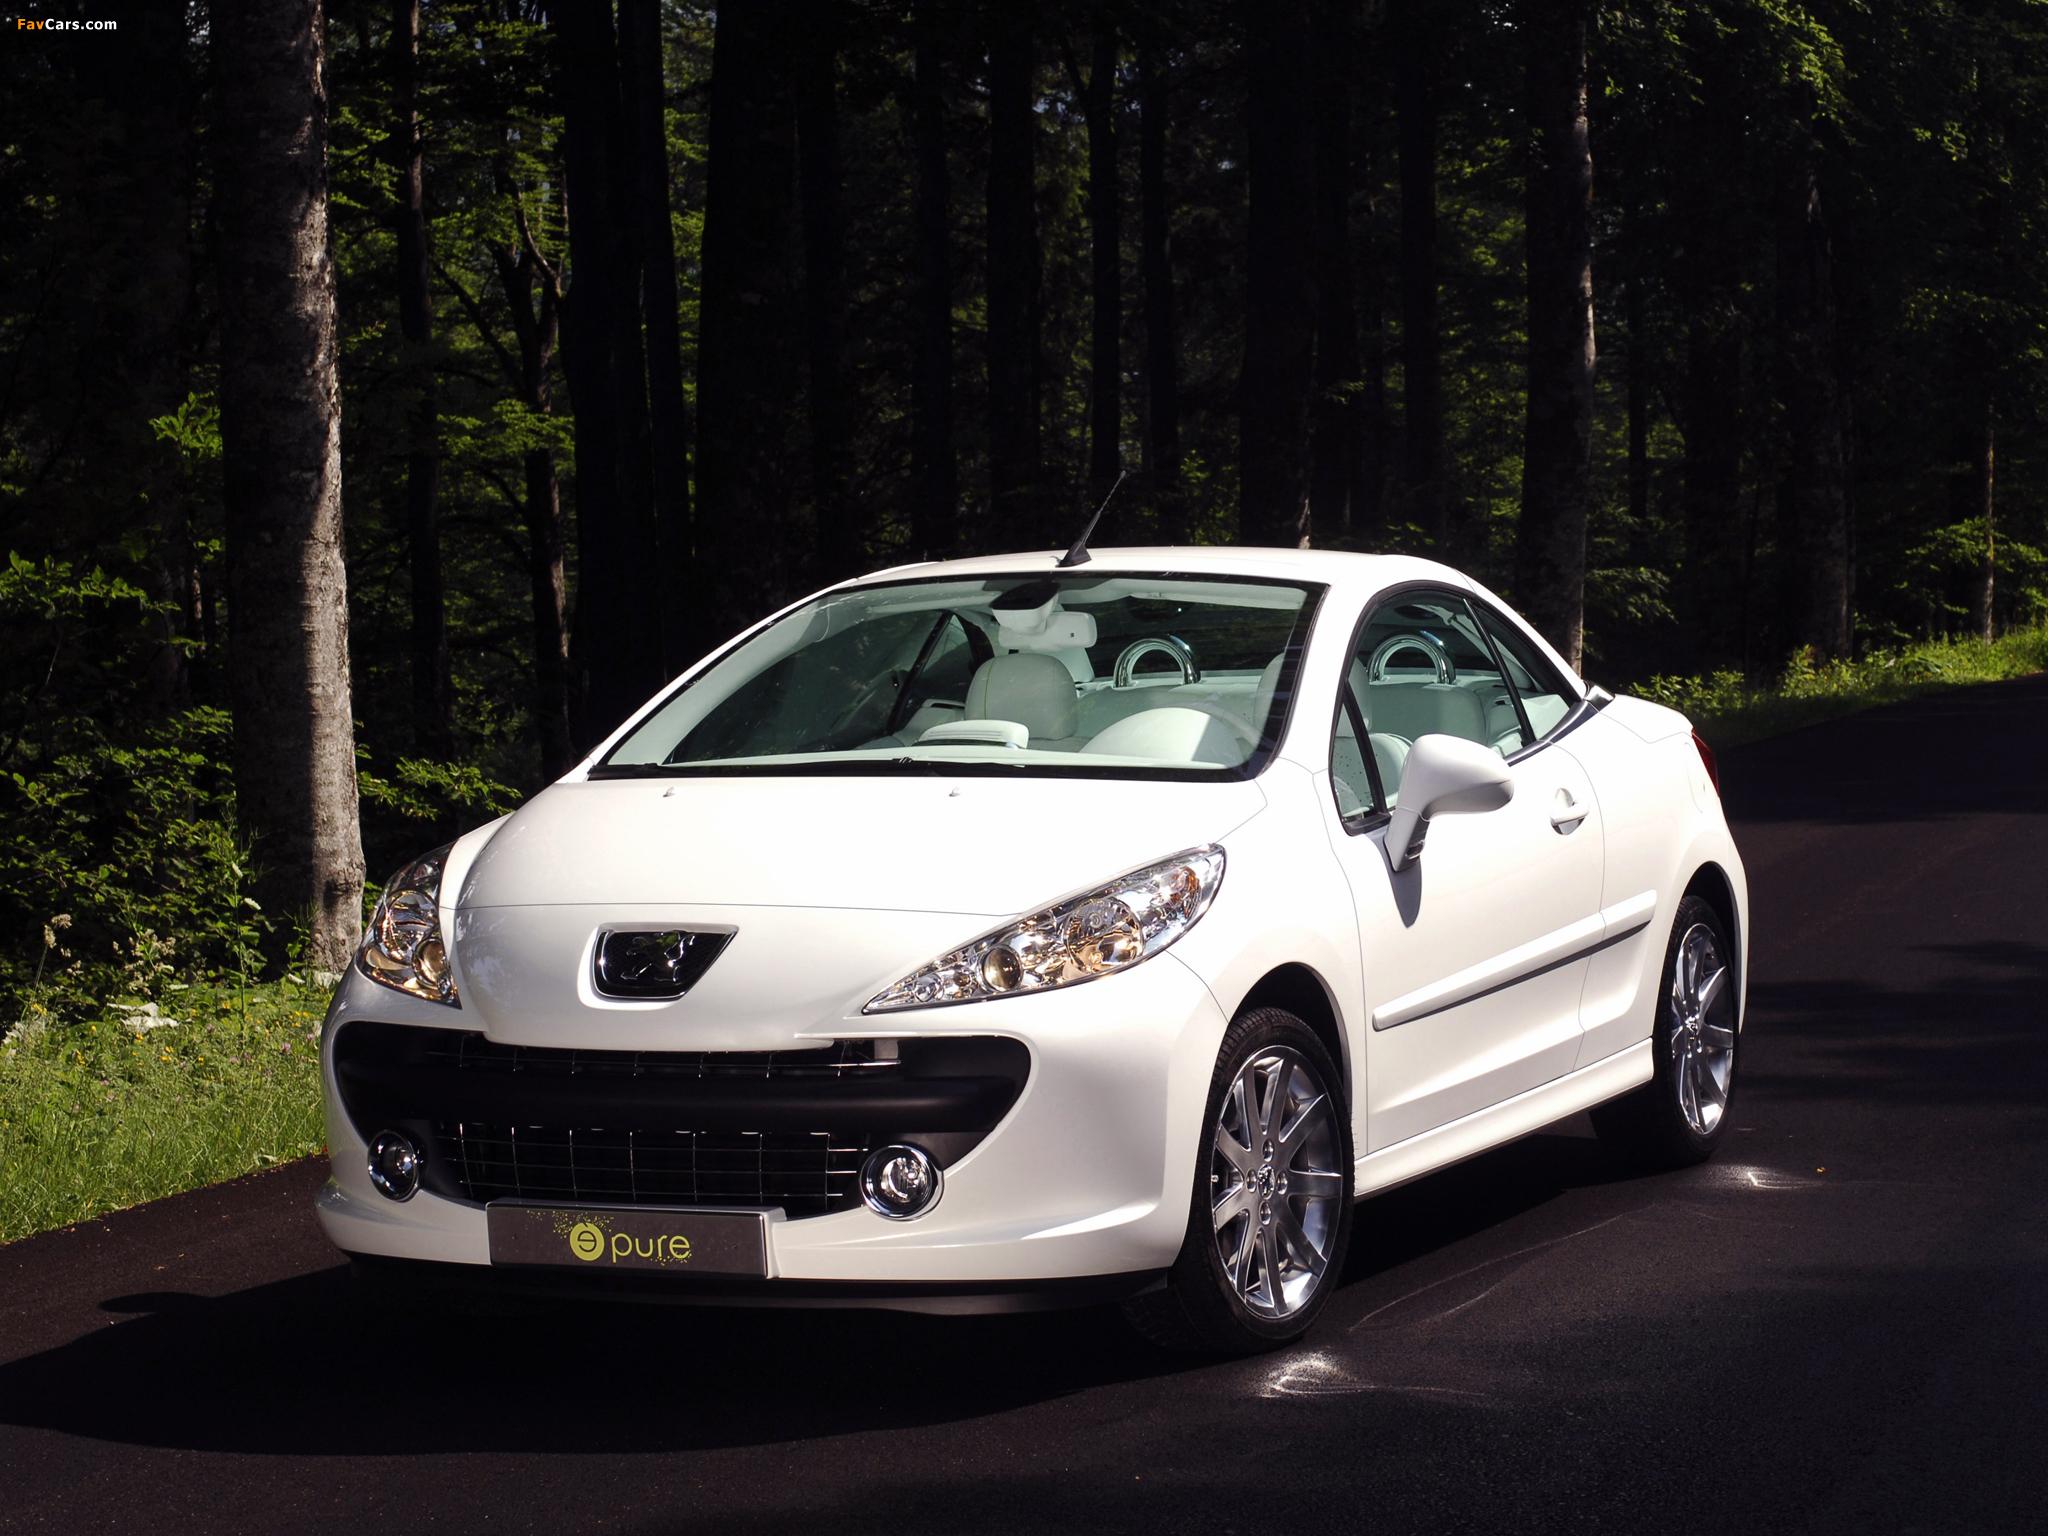 Peugeot 207 Epure Concept 2006 images (2048 x 1536)